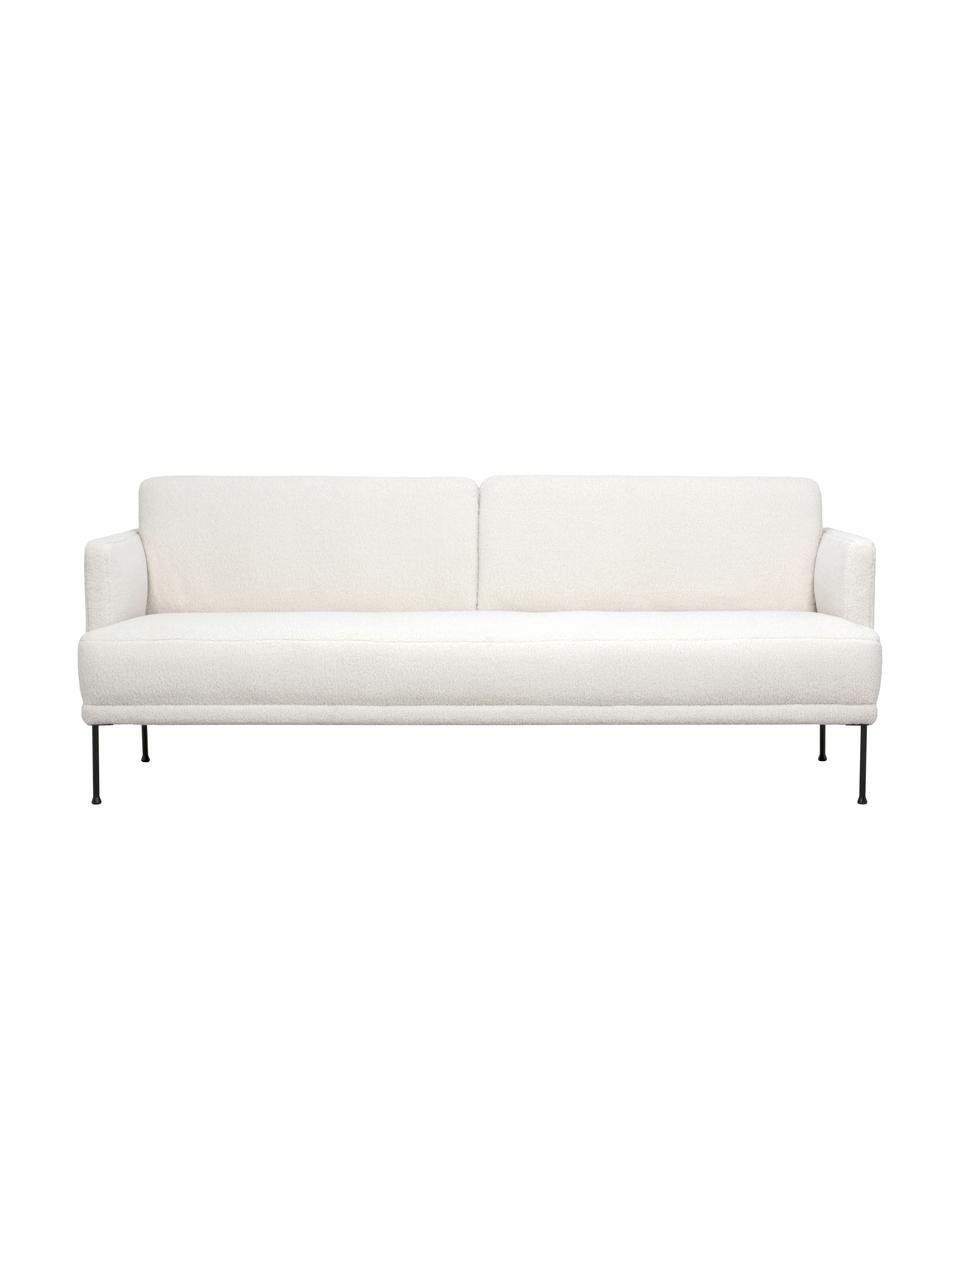 Sofa z  metalowymi nogami Teddy Fluente (3-osobowa), Tapicerka: 100% poliester (Teddy) Dz, Nogi: metal malowany proszkowo, Kremowobiały teddy, S 196 x G 85 cm